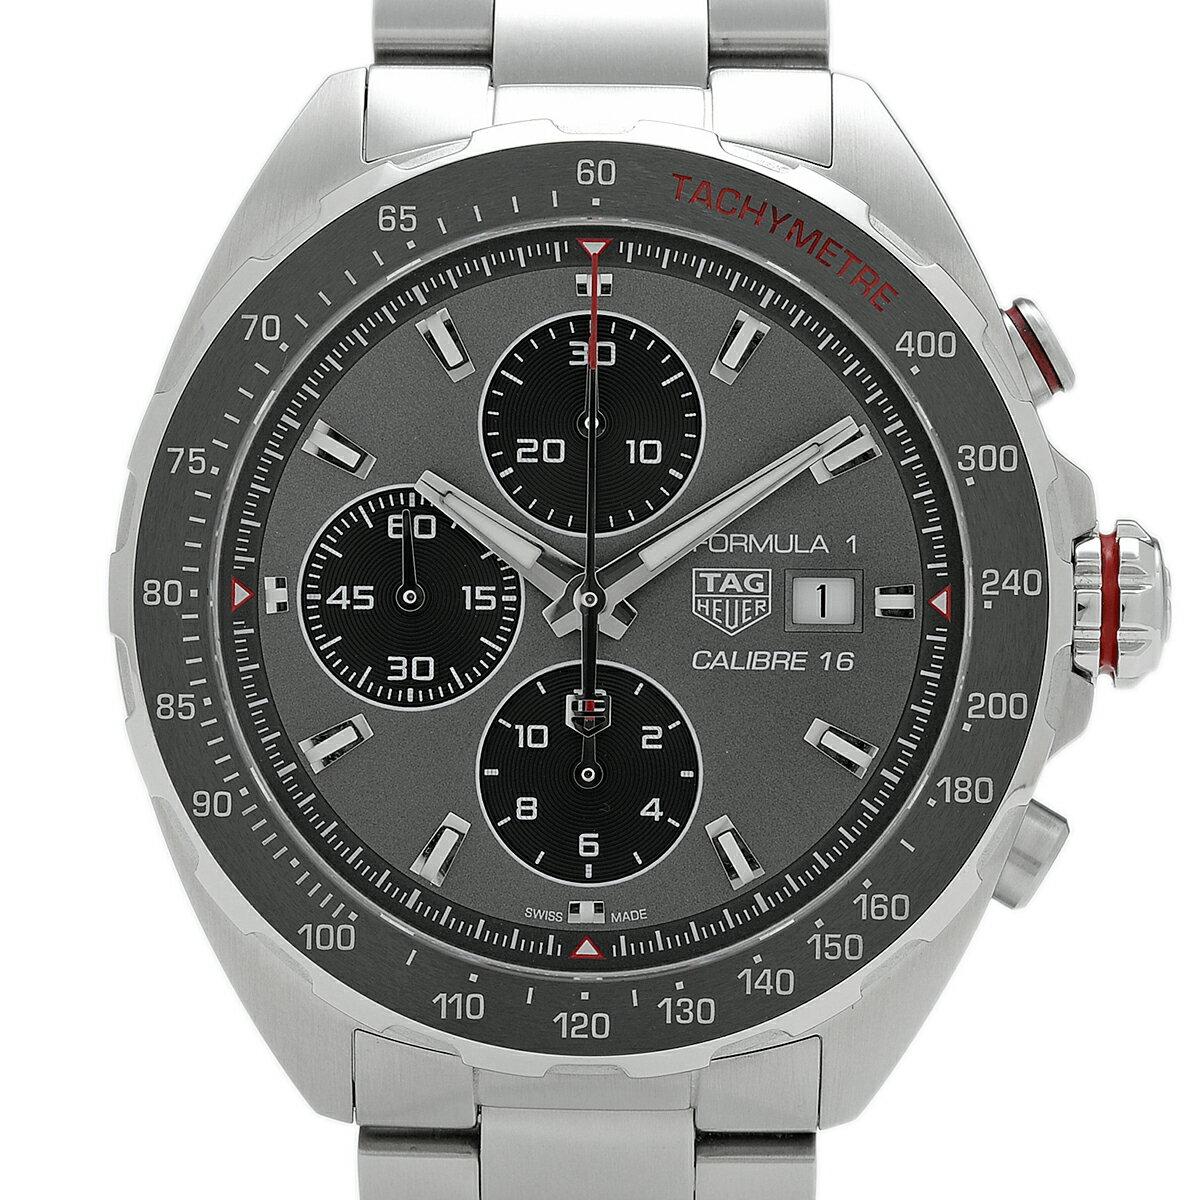 腕時計, メンズ腕時計 70OFF34 20:00-311 1:59 10OFF TAG HEUER 1 CAZ2012.BA0876 SS